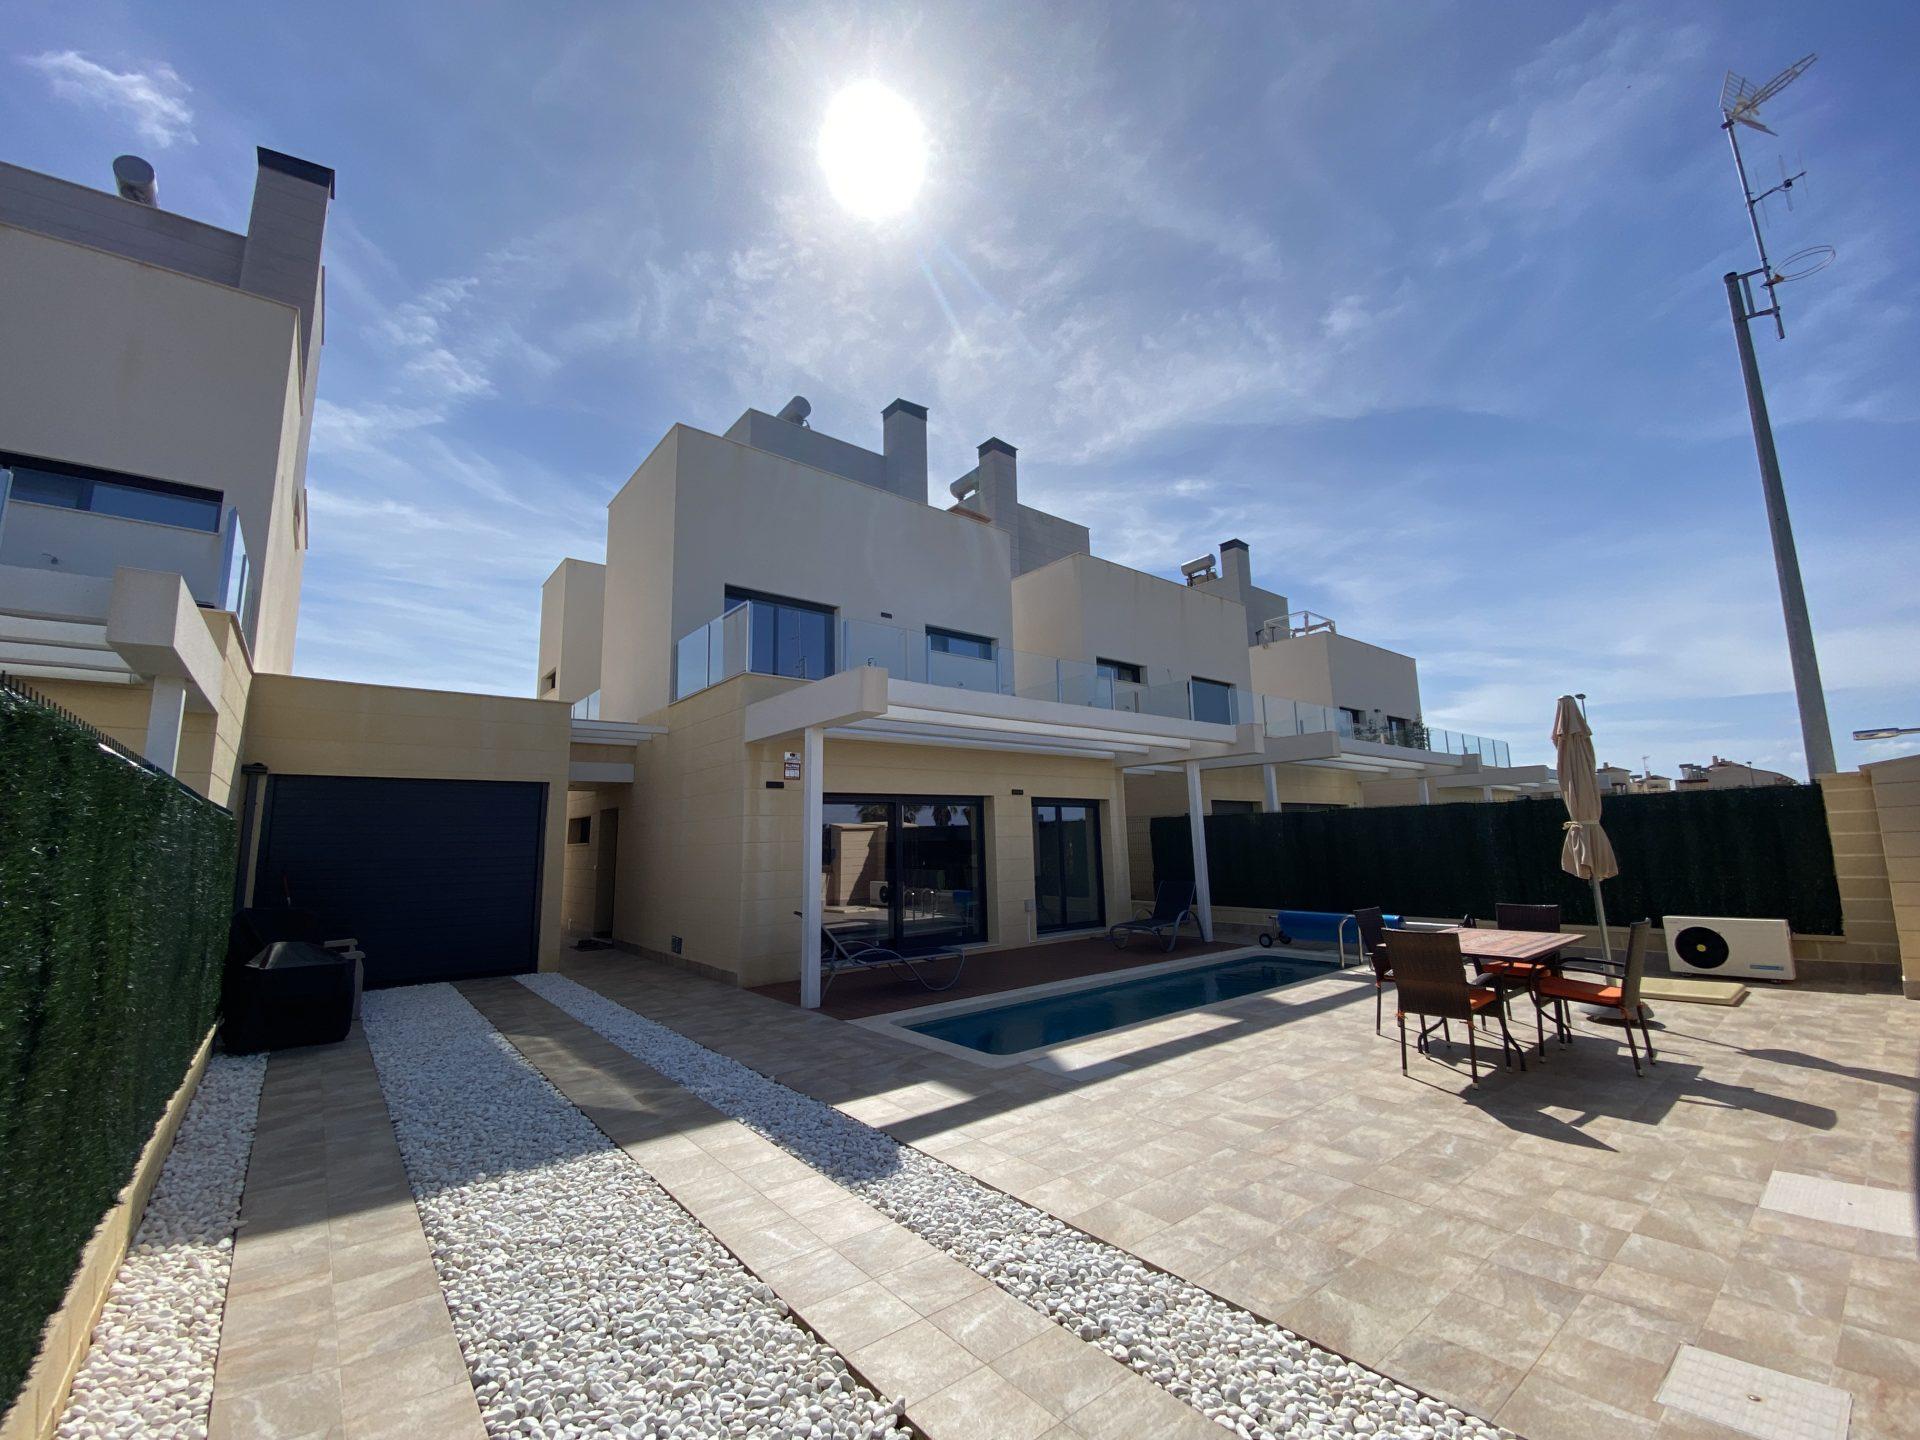 3 Bedroom Villa with Private Pool in Los Alcazares 5